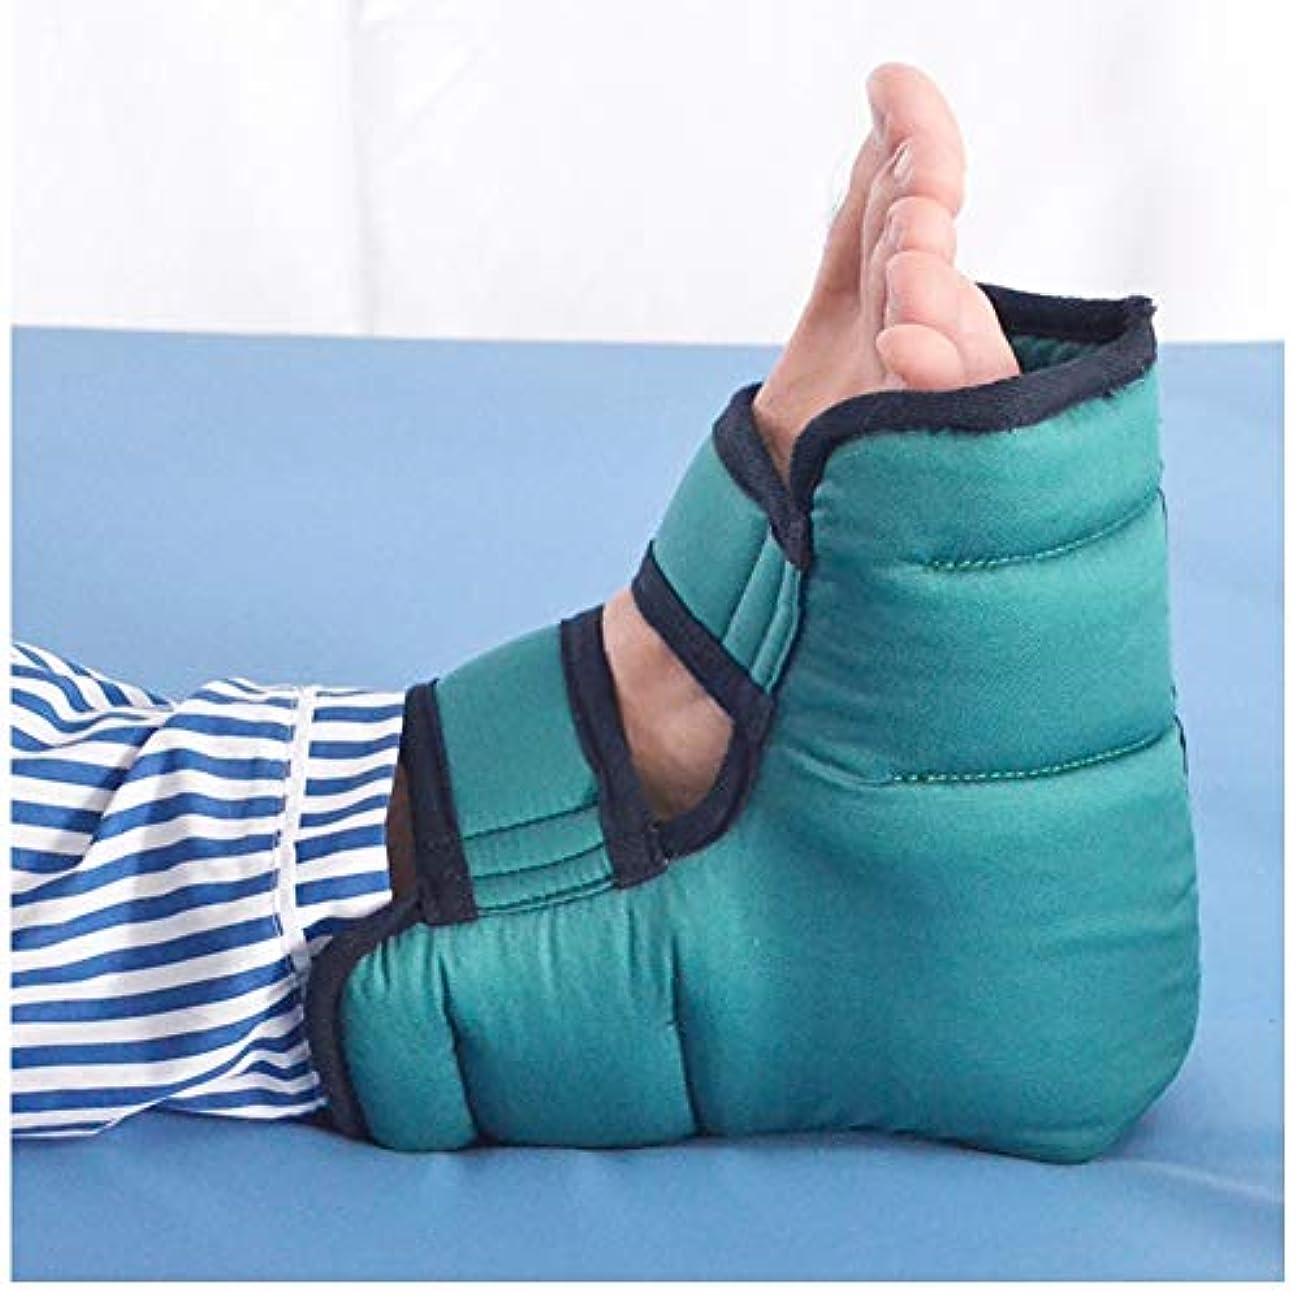 狂う薄暗い力強い反褥瘡のかかとの保護材のクッション、足首サポート枕フットプロテクション、青、1ペア、9.45×9.05インチ